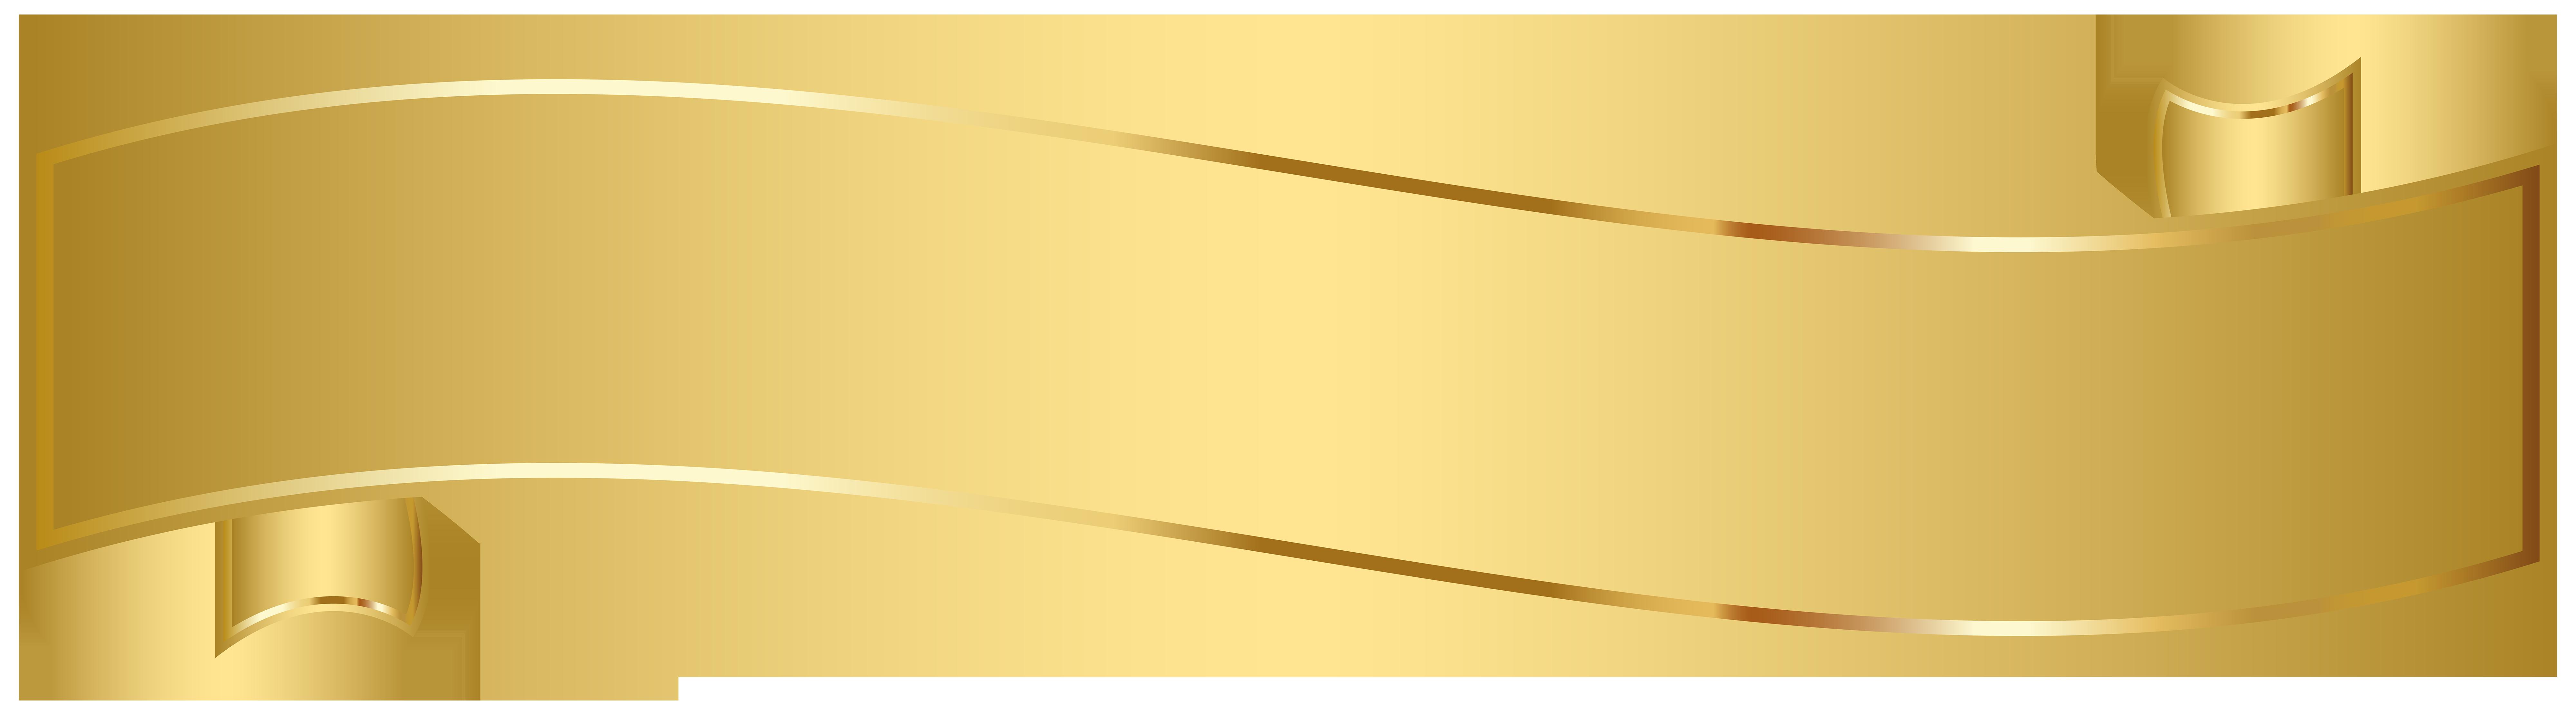 Gold Banner Clip Art PNG Image Arte da sala de crianças